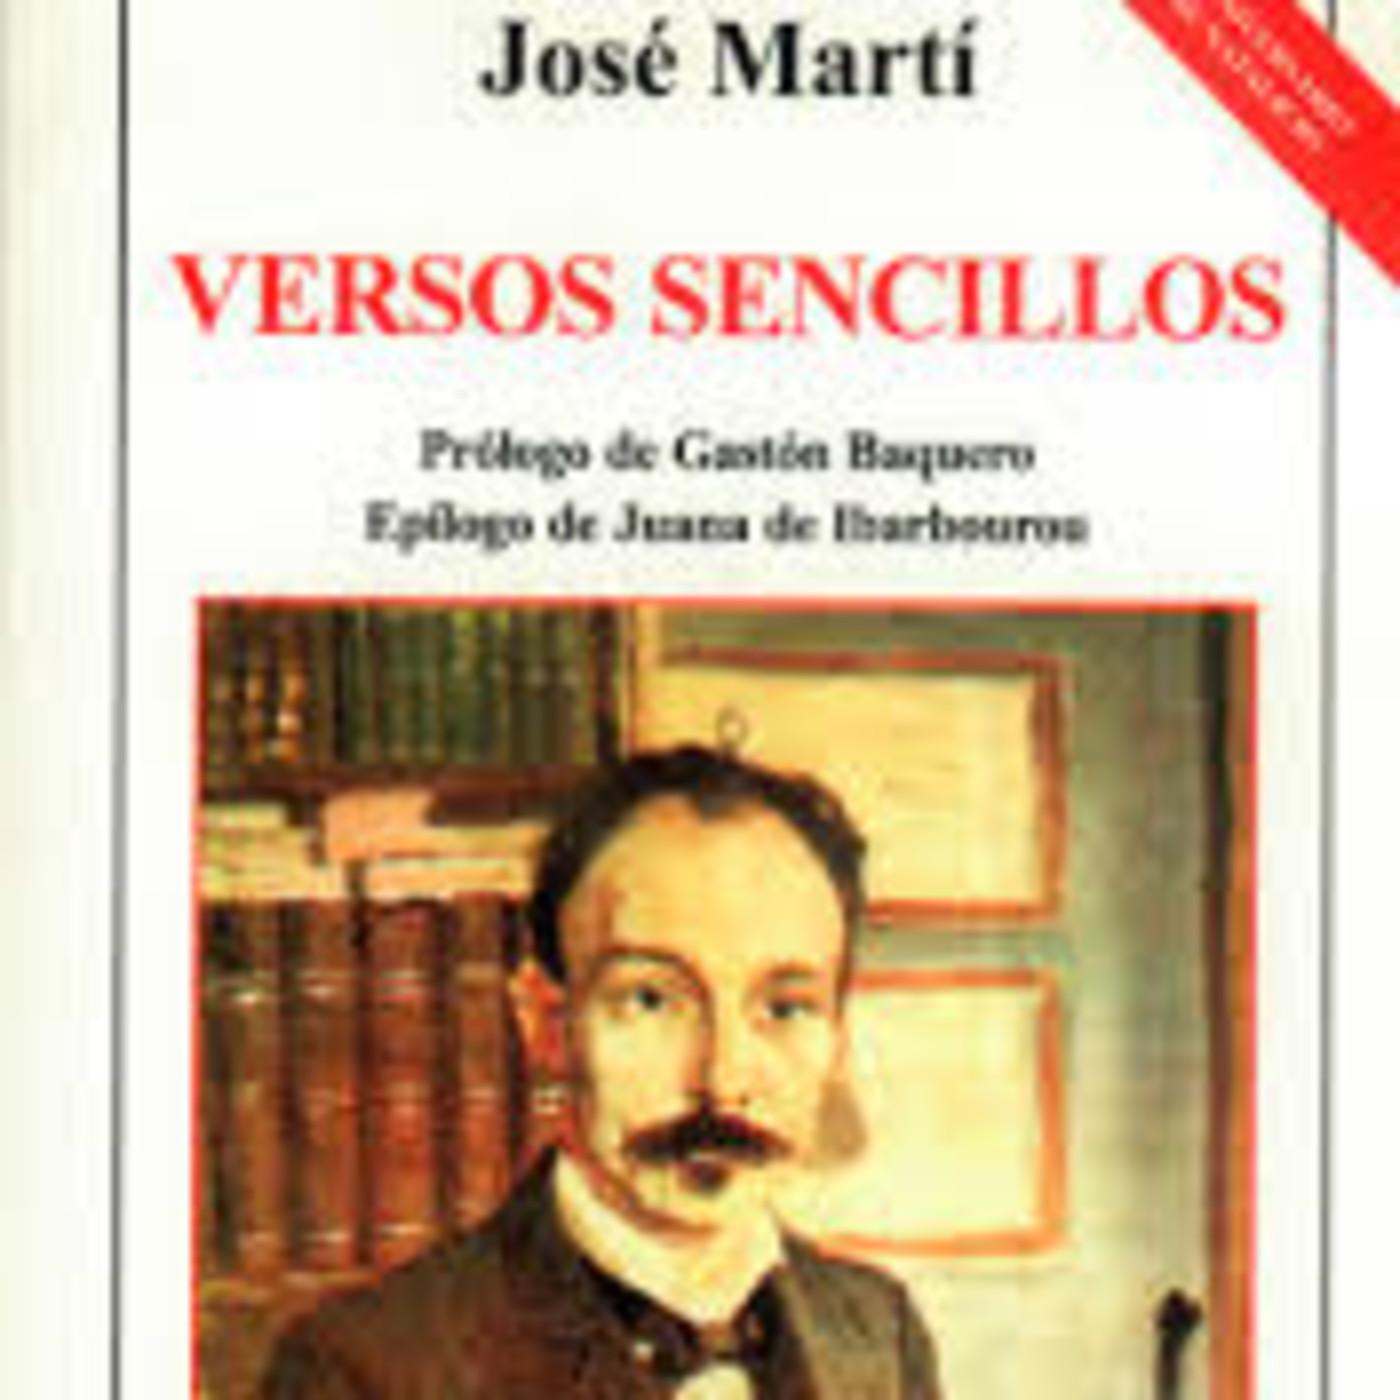 versos sinceros jose marti biography